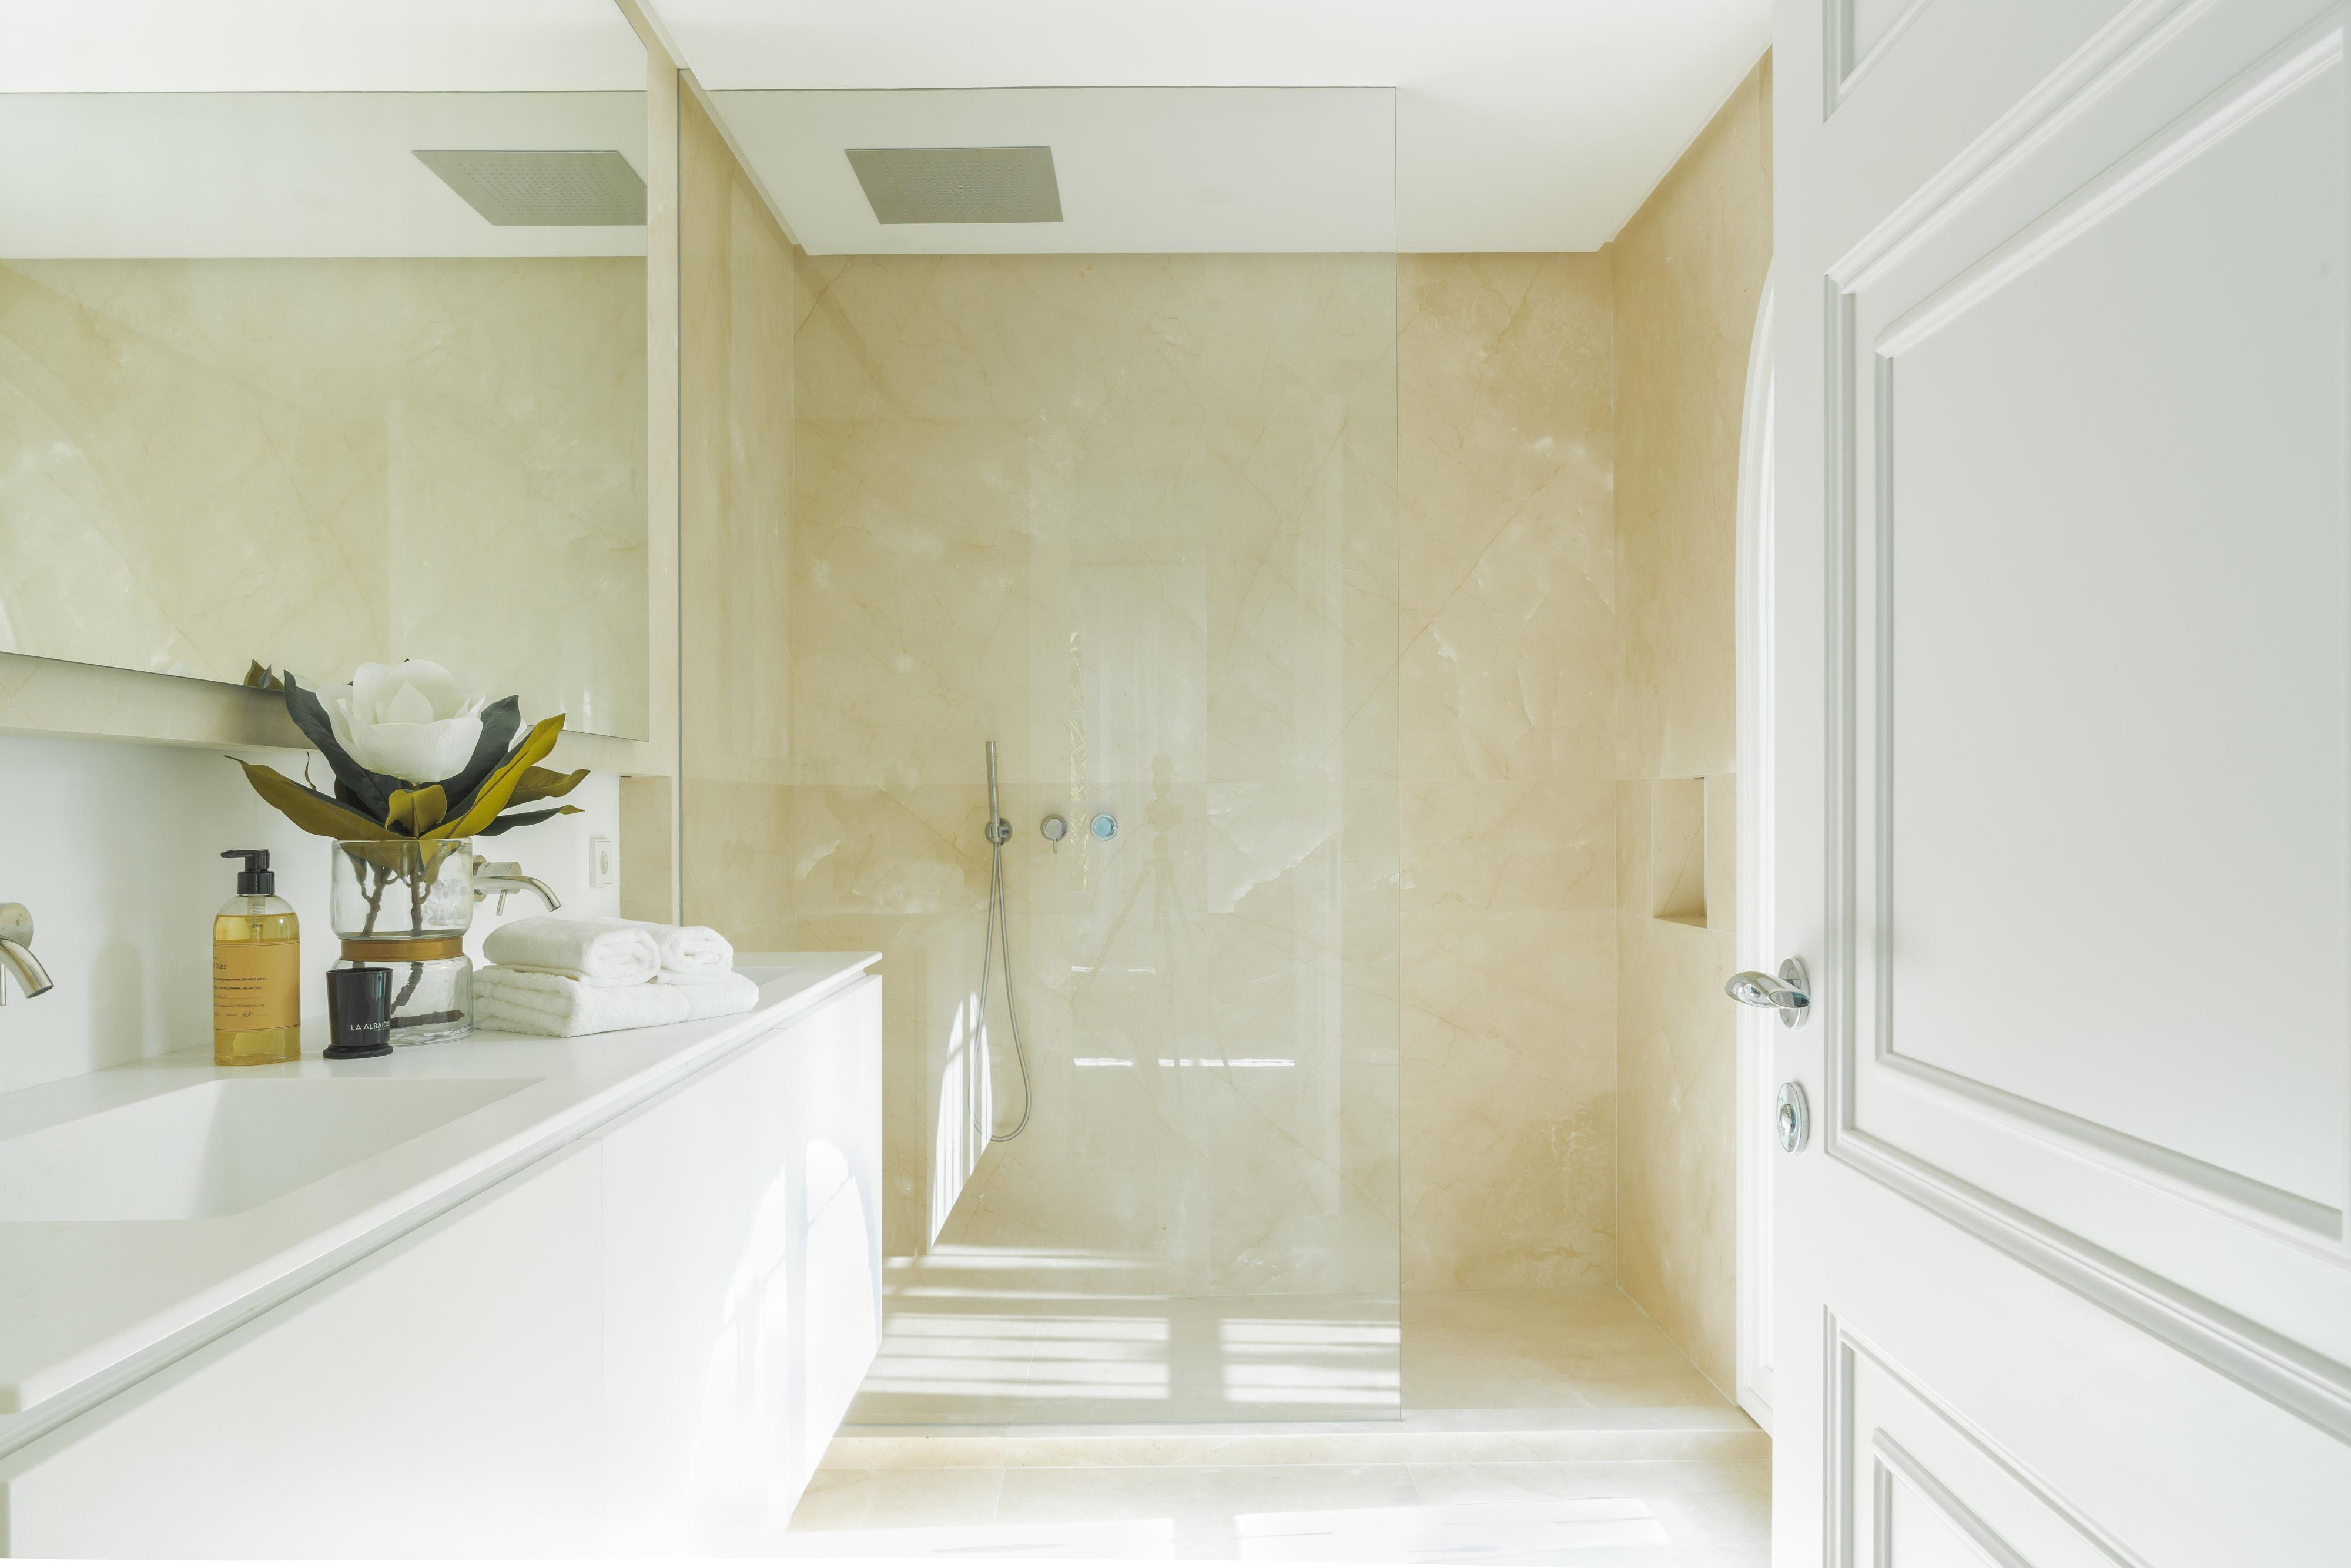 diseño interior marbella baño